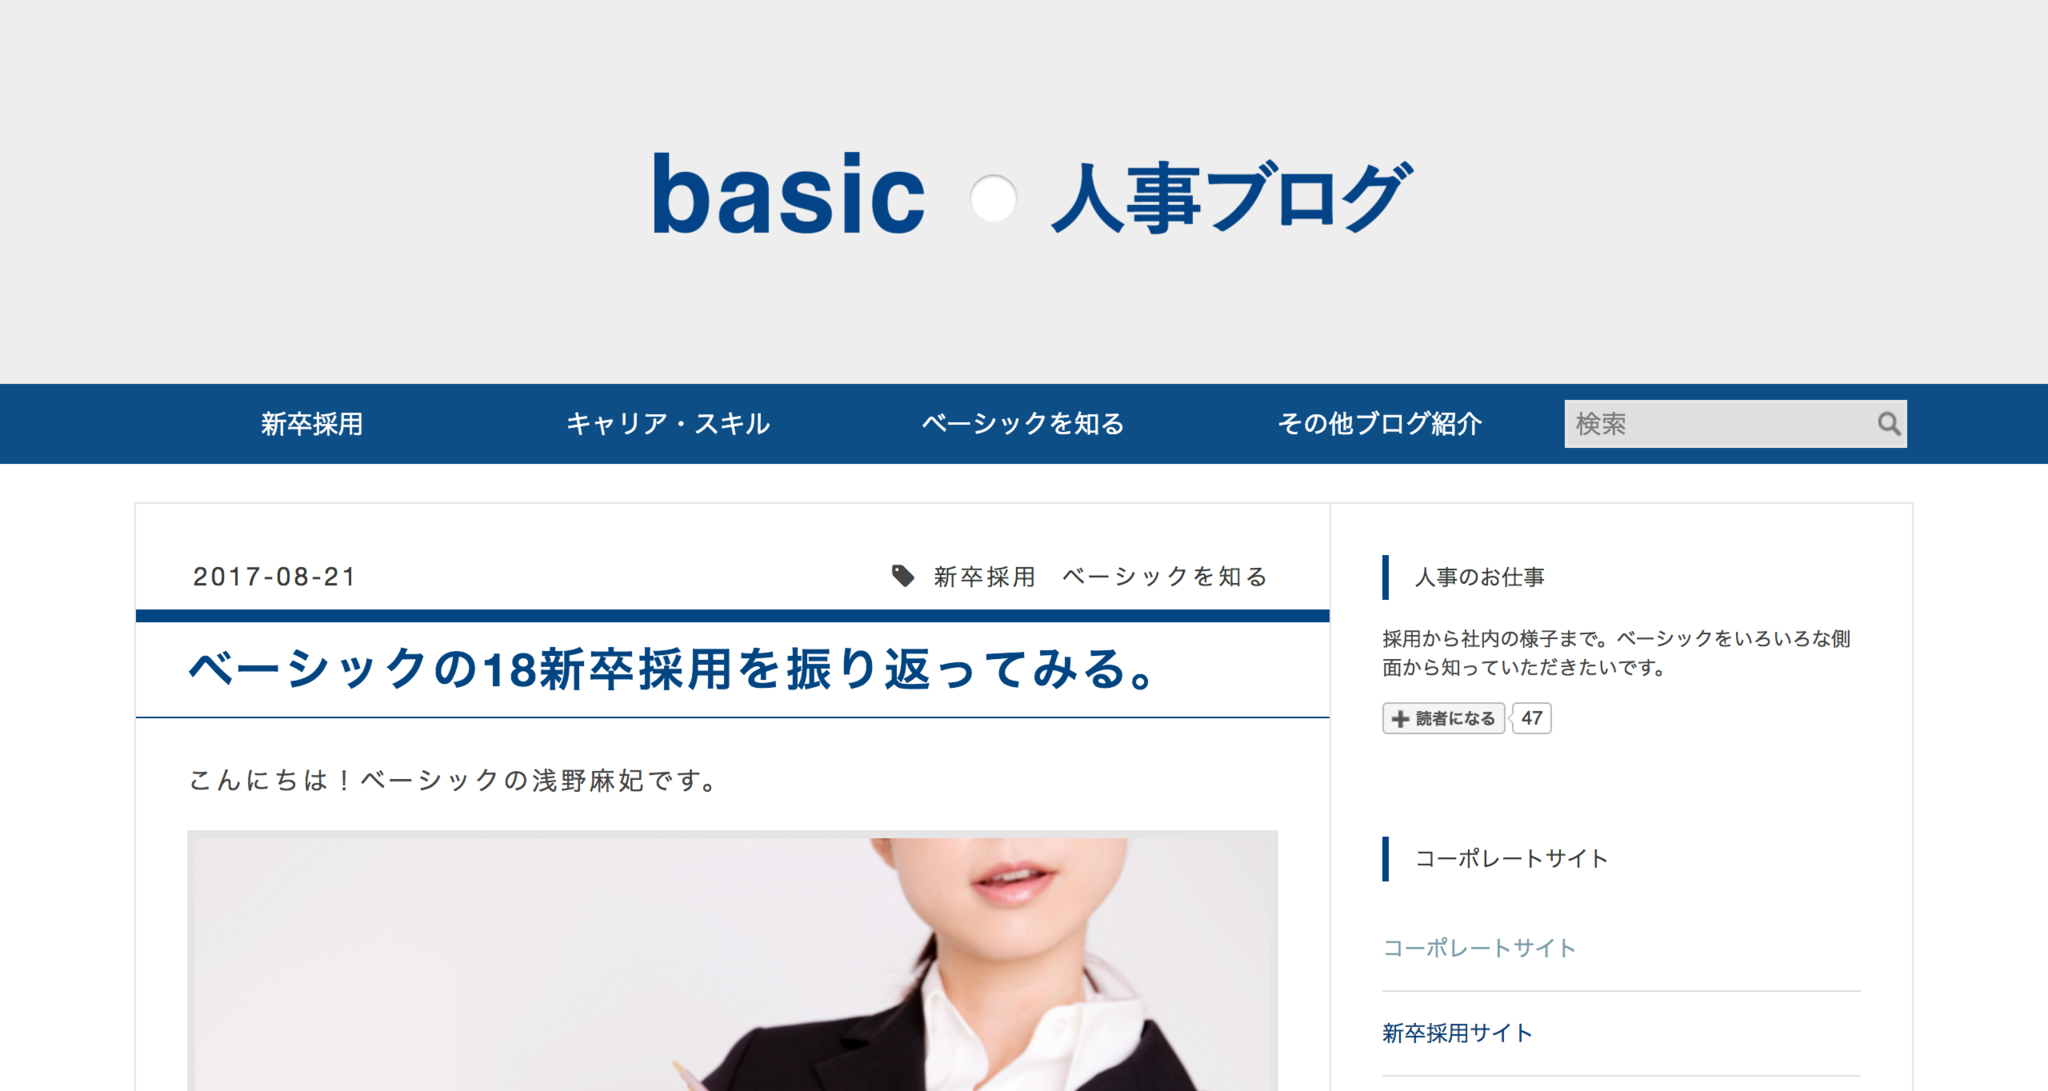 べーシック人事・HRブログ.png